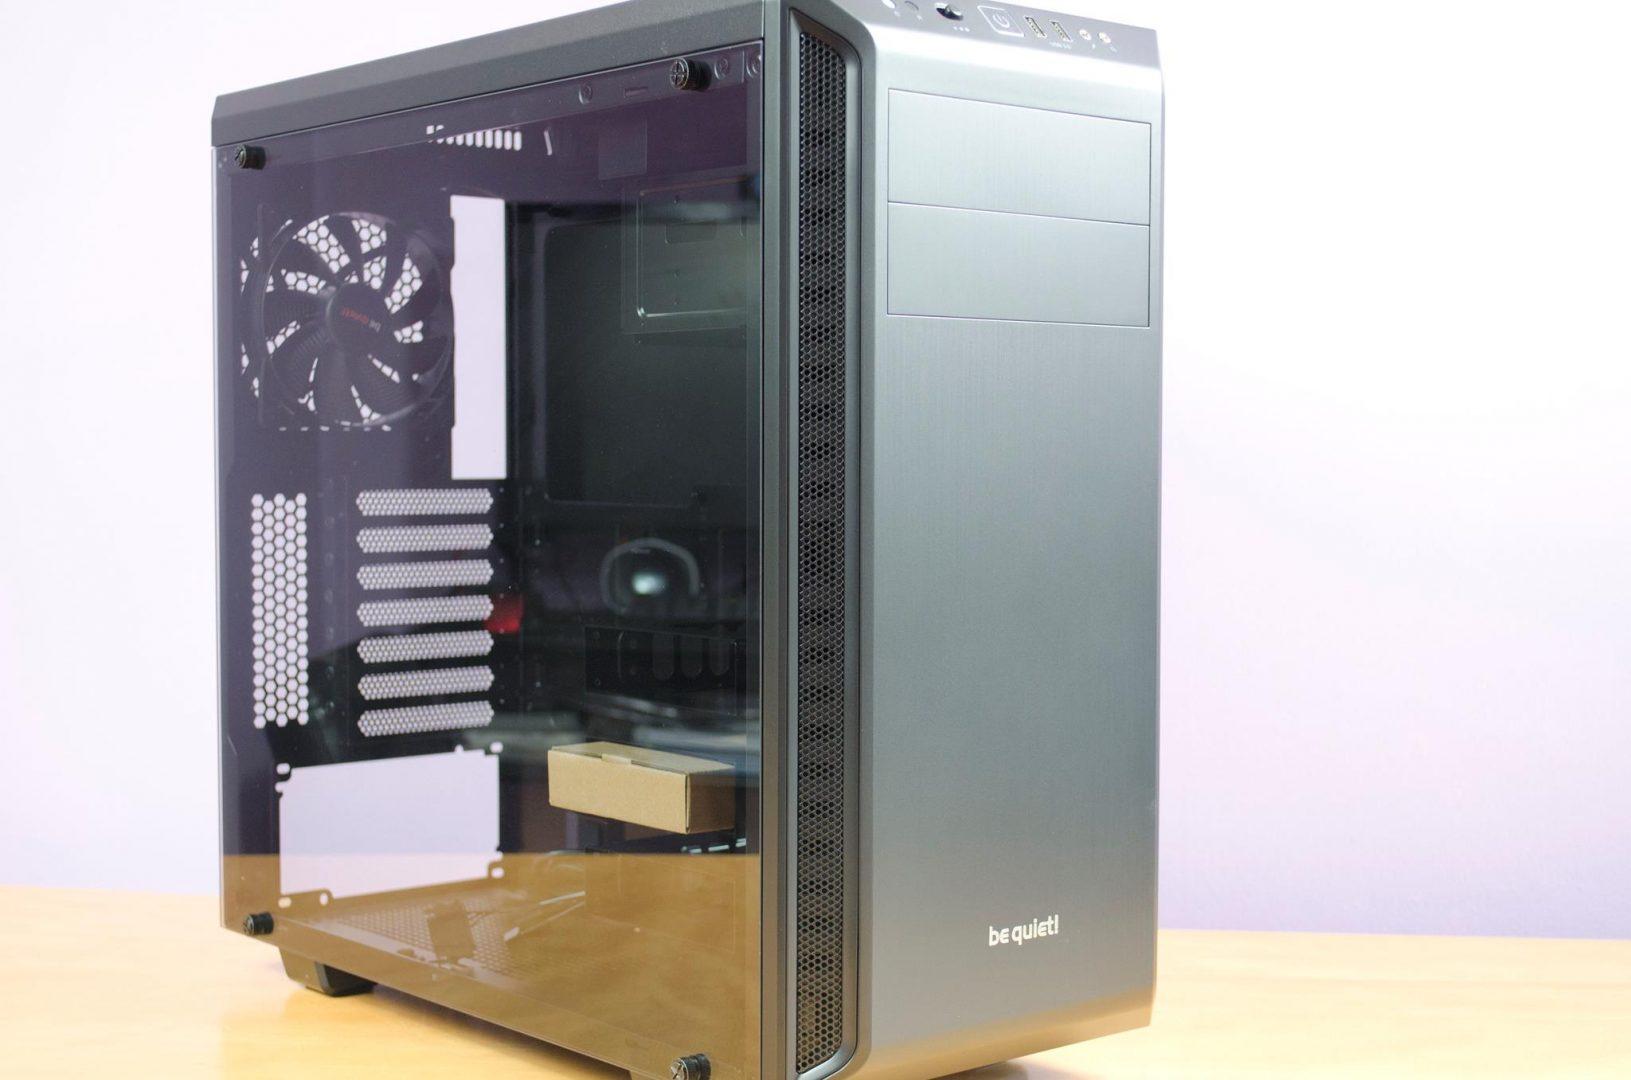 be quiet! PURE BASE 600 PC Case Review